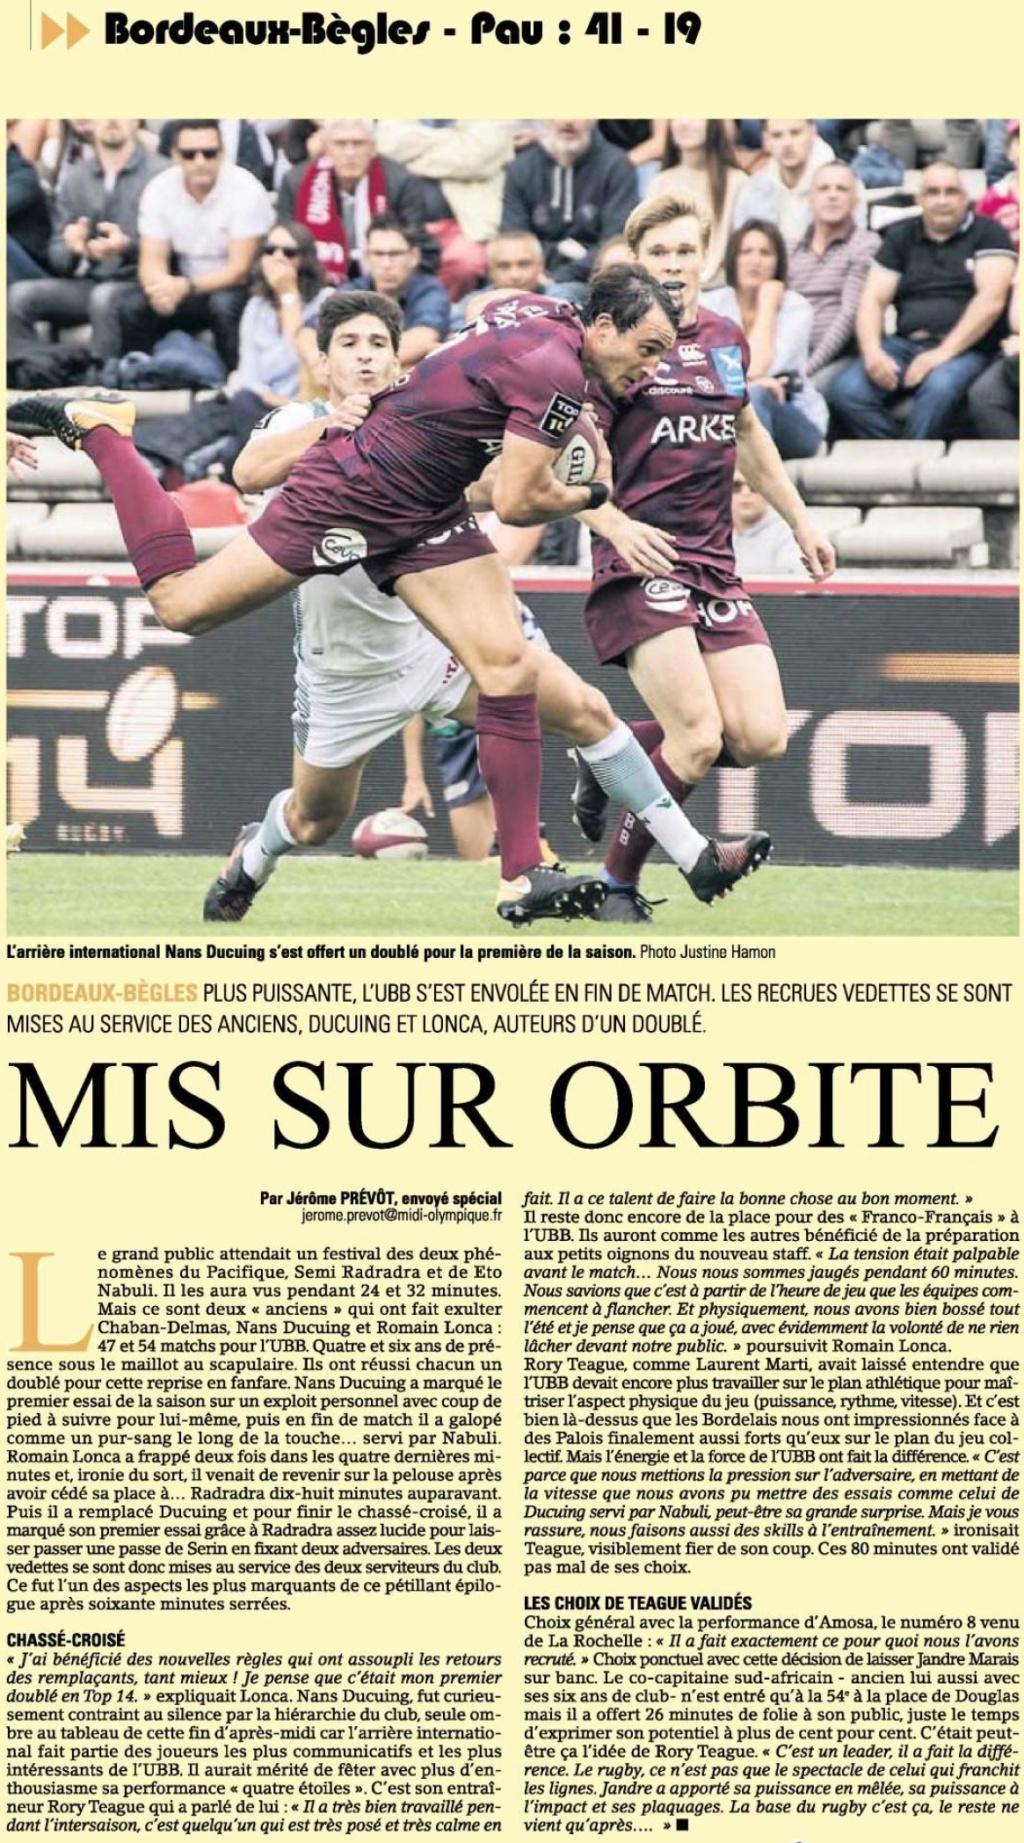 Top14 - 1ère journée : UBB / Pau - Page 5 Sans_t34